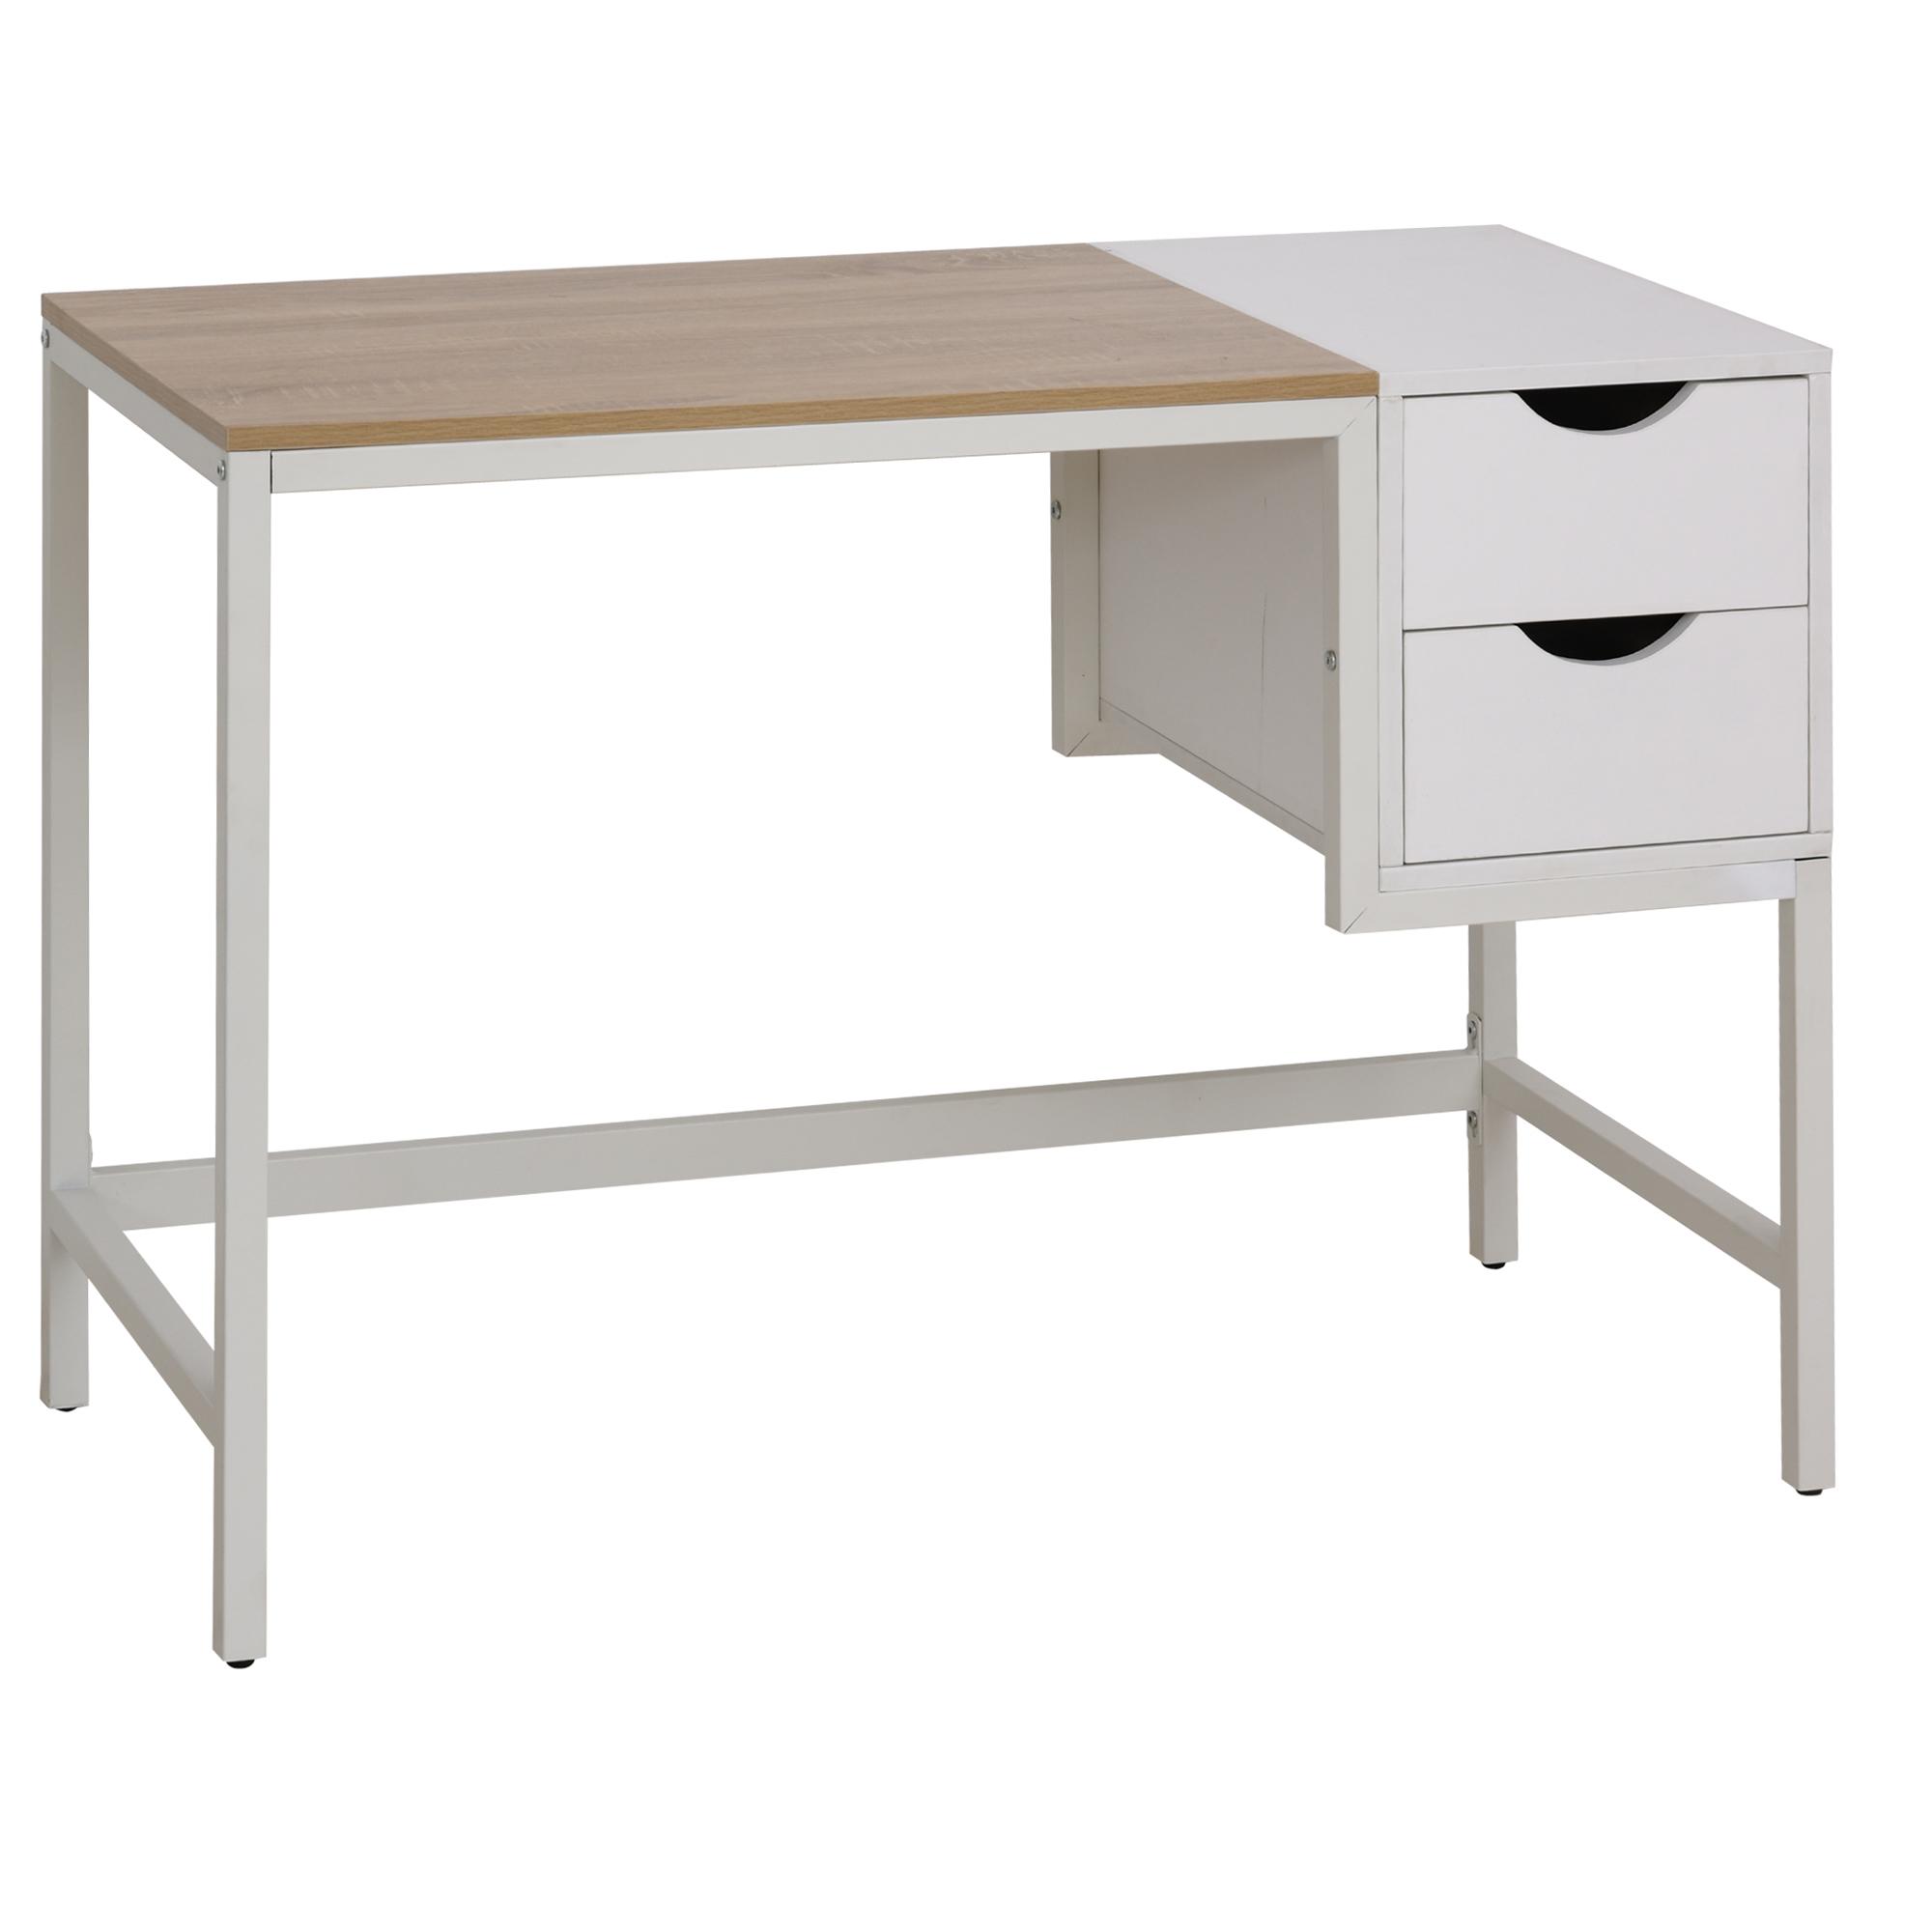 Bureau avec pieds en métal beige